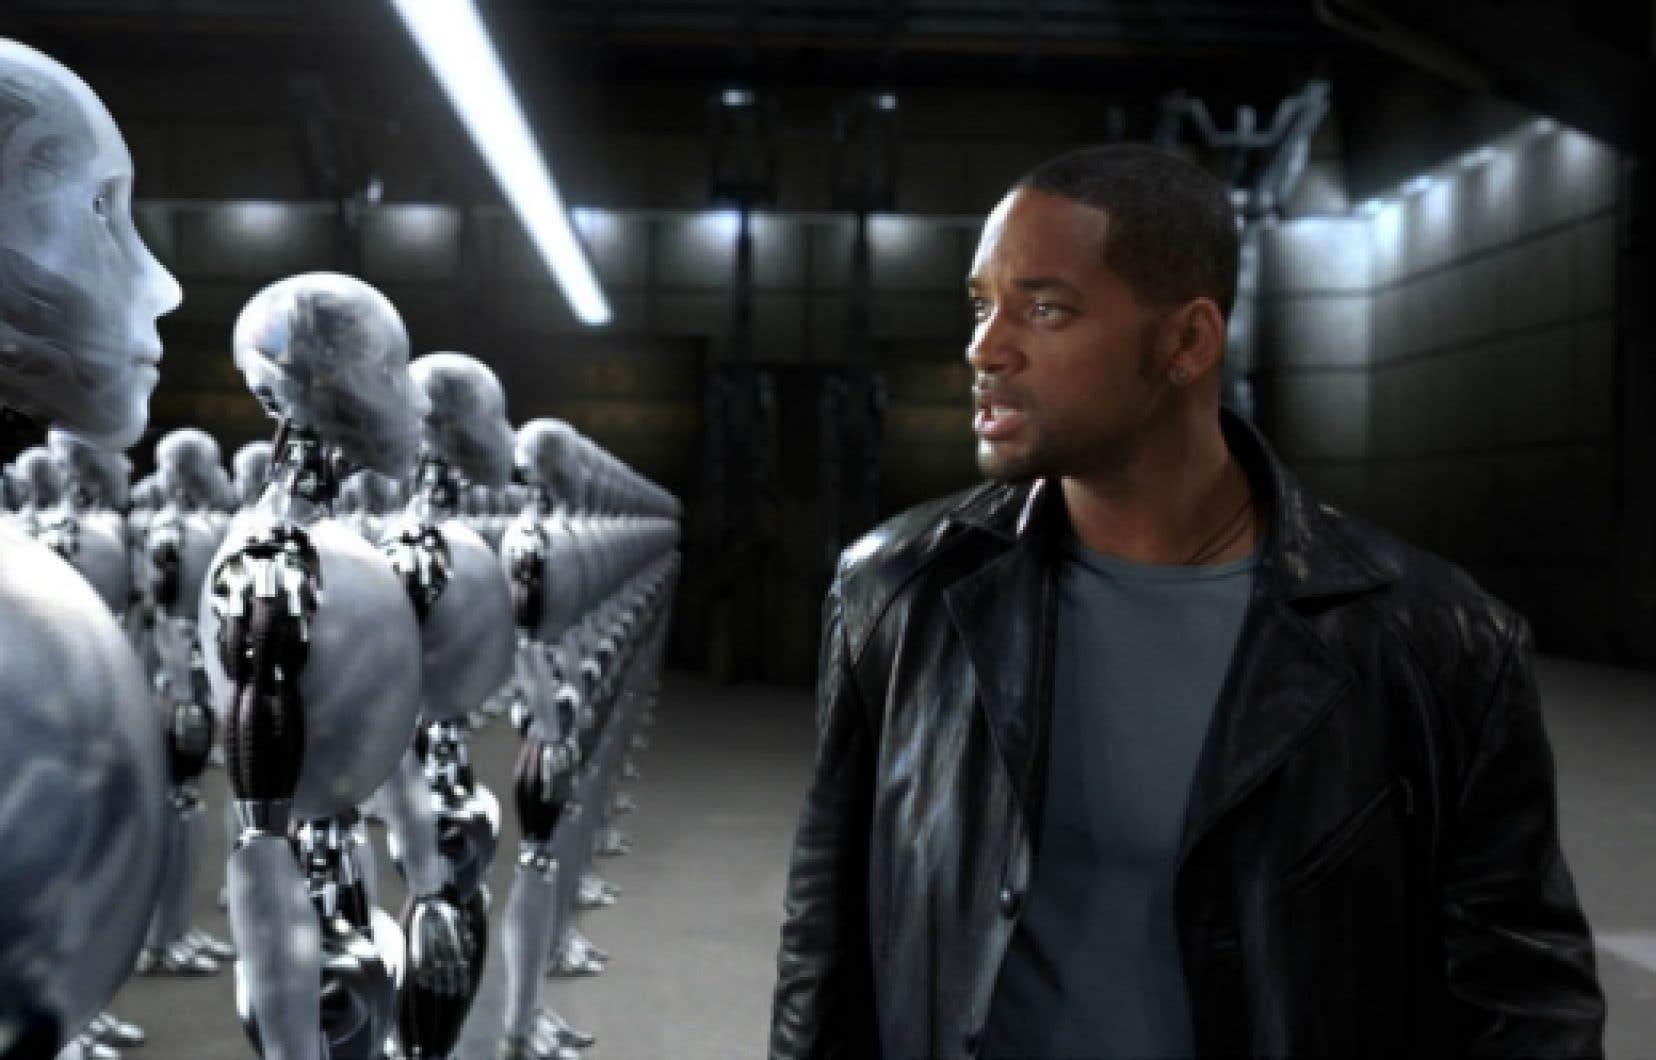 Une scène du film Les robots (I, Robot) d'Alex Proyas (2004).